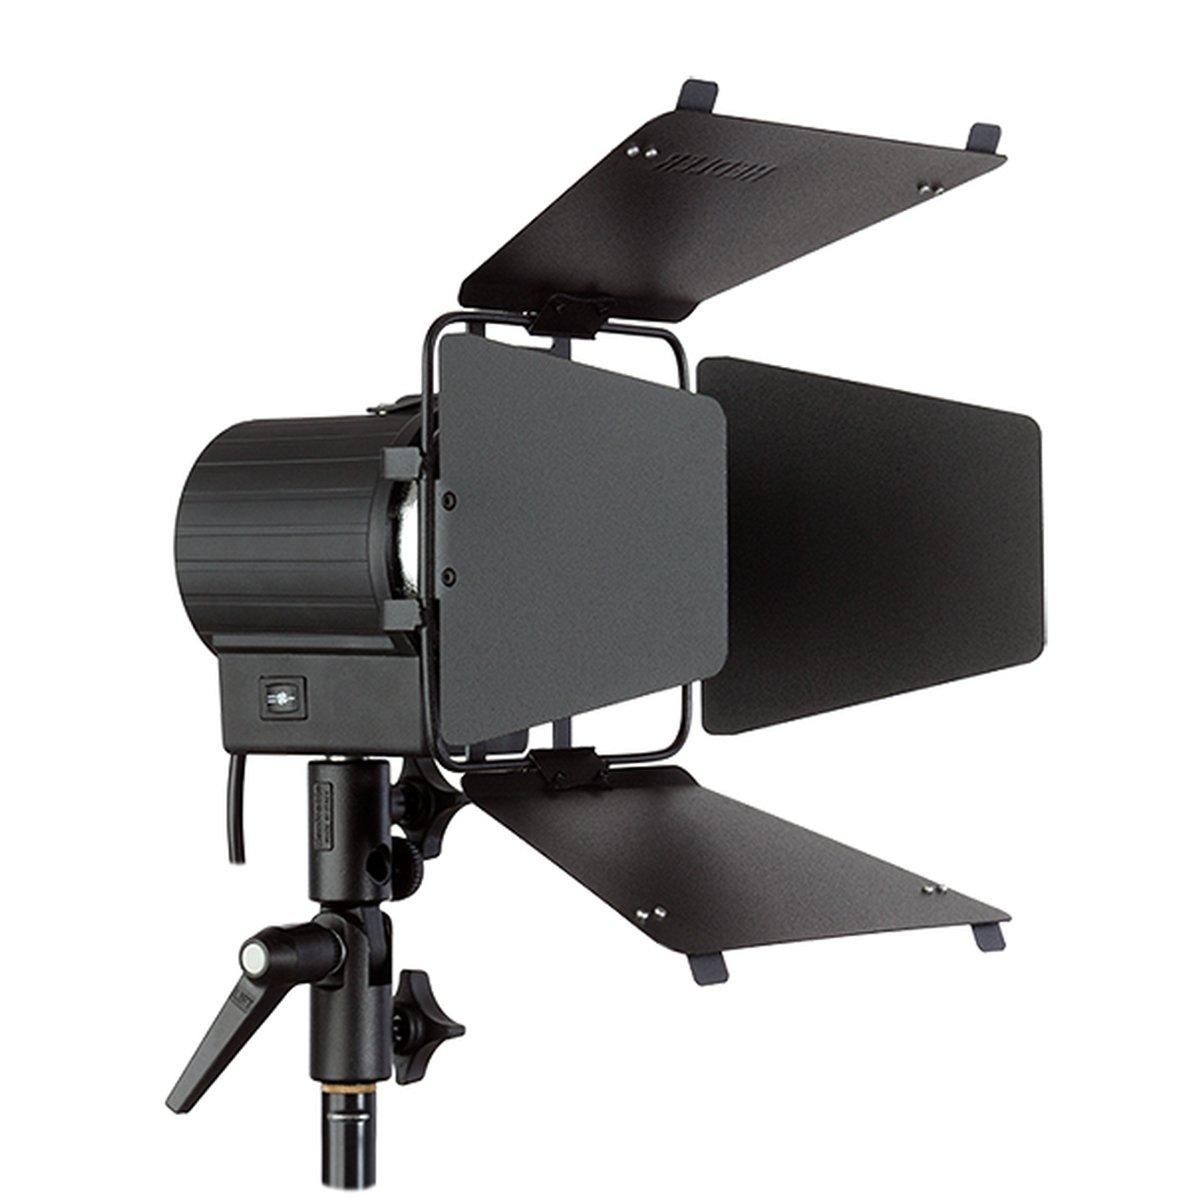 HEDLER 3011 halogenové světlo 1000W včetně 4 křídlých klapek